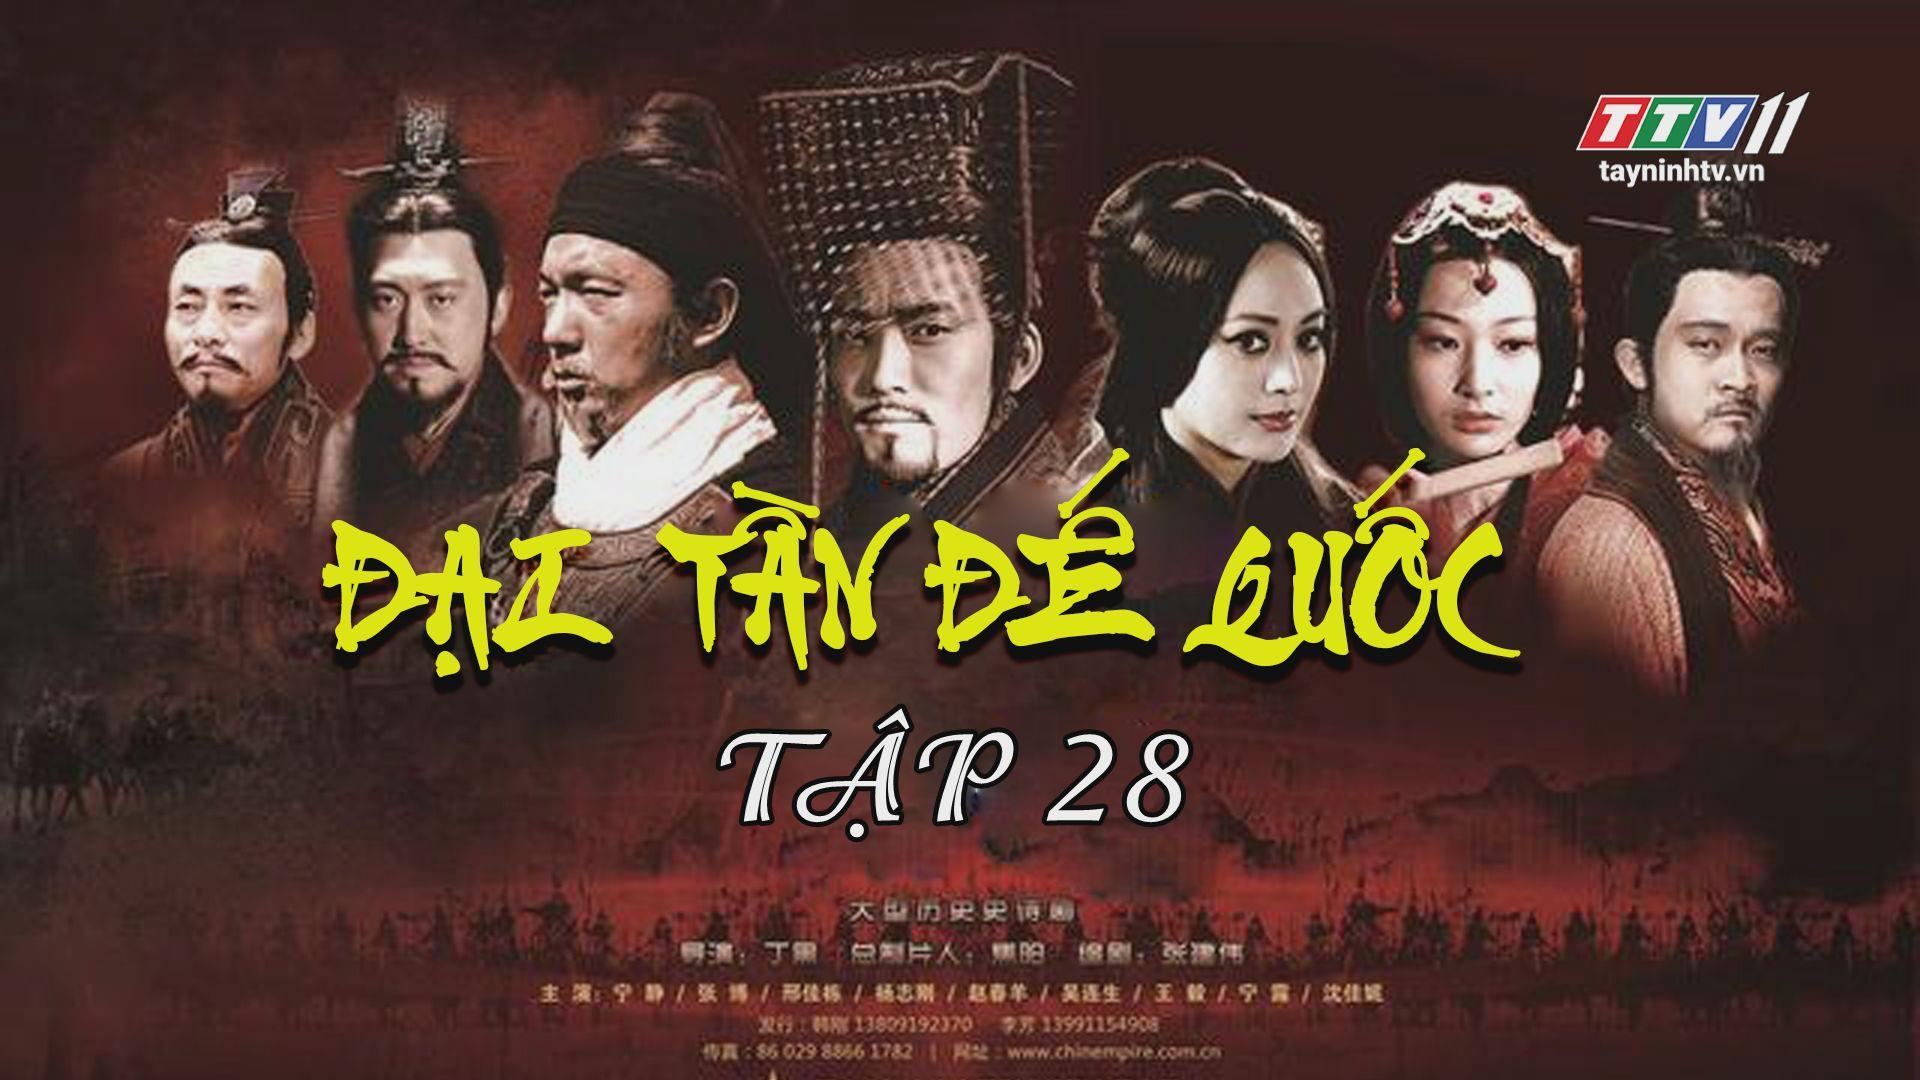 Tập 28 | ĐẠI TẦN ĐẾ QUỐC - Phần 3 - QUẬT KHỞI - FULL HD | TayNinhTV